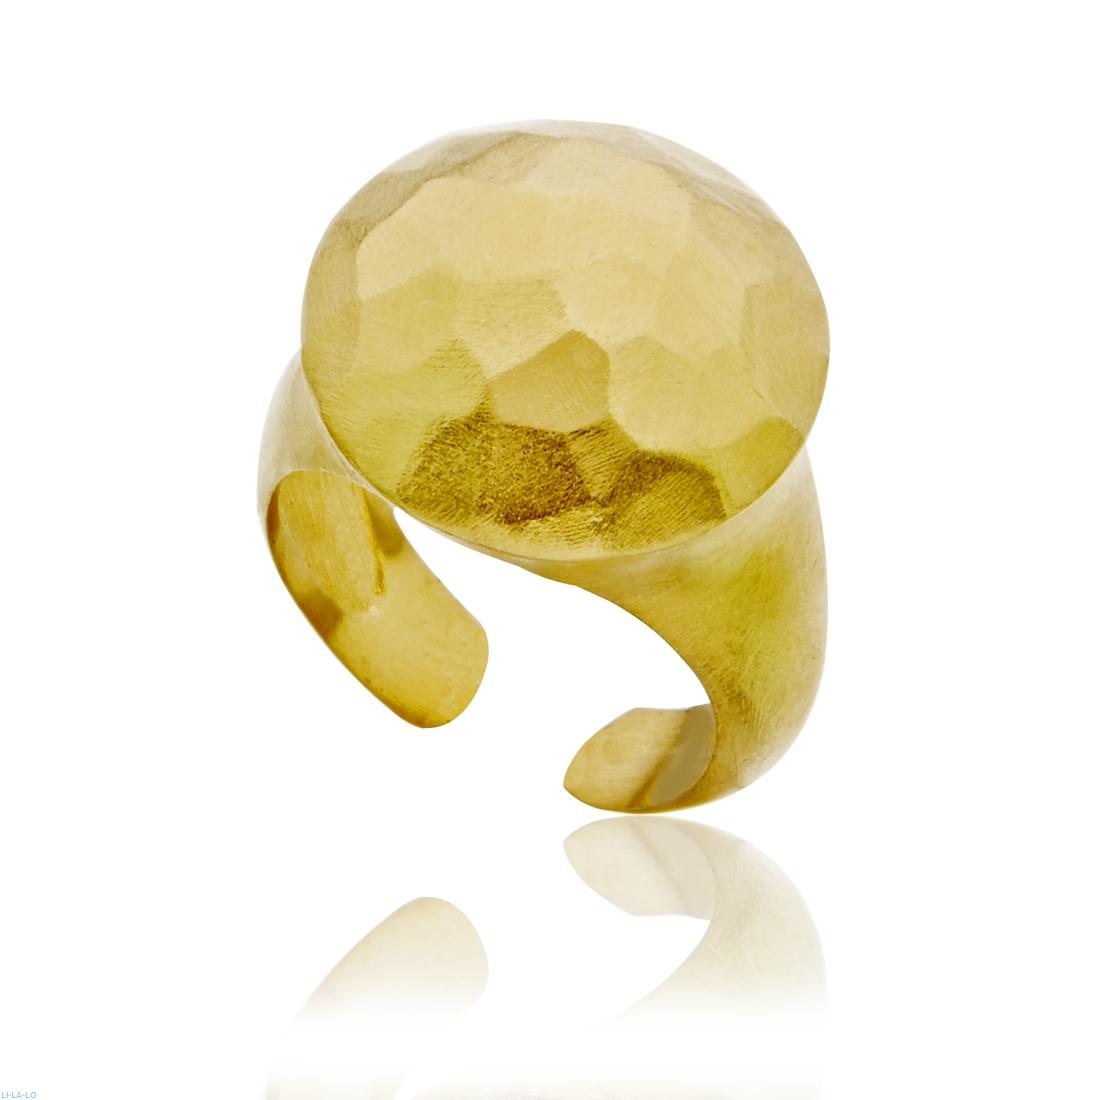 Li-La-Lo Δαχτυλίδι Geometry Από Επιχρυσωμένο Ασήμι 925 DΑS004021